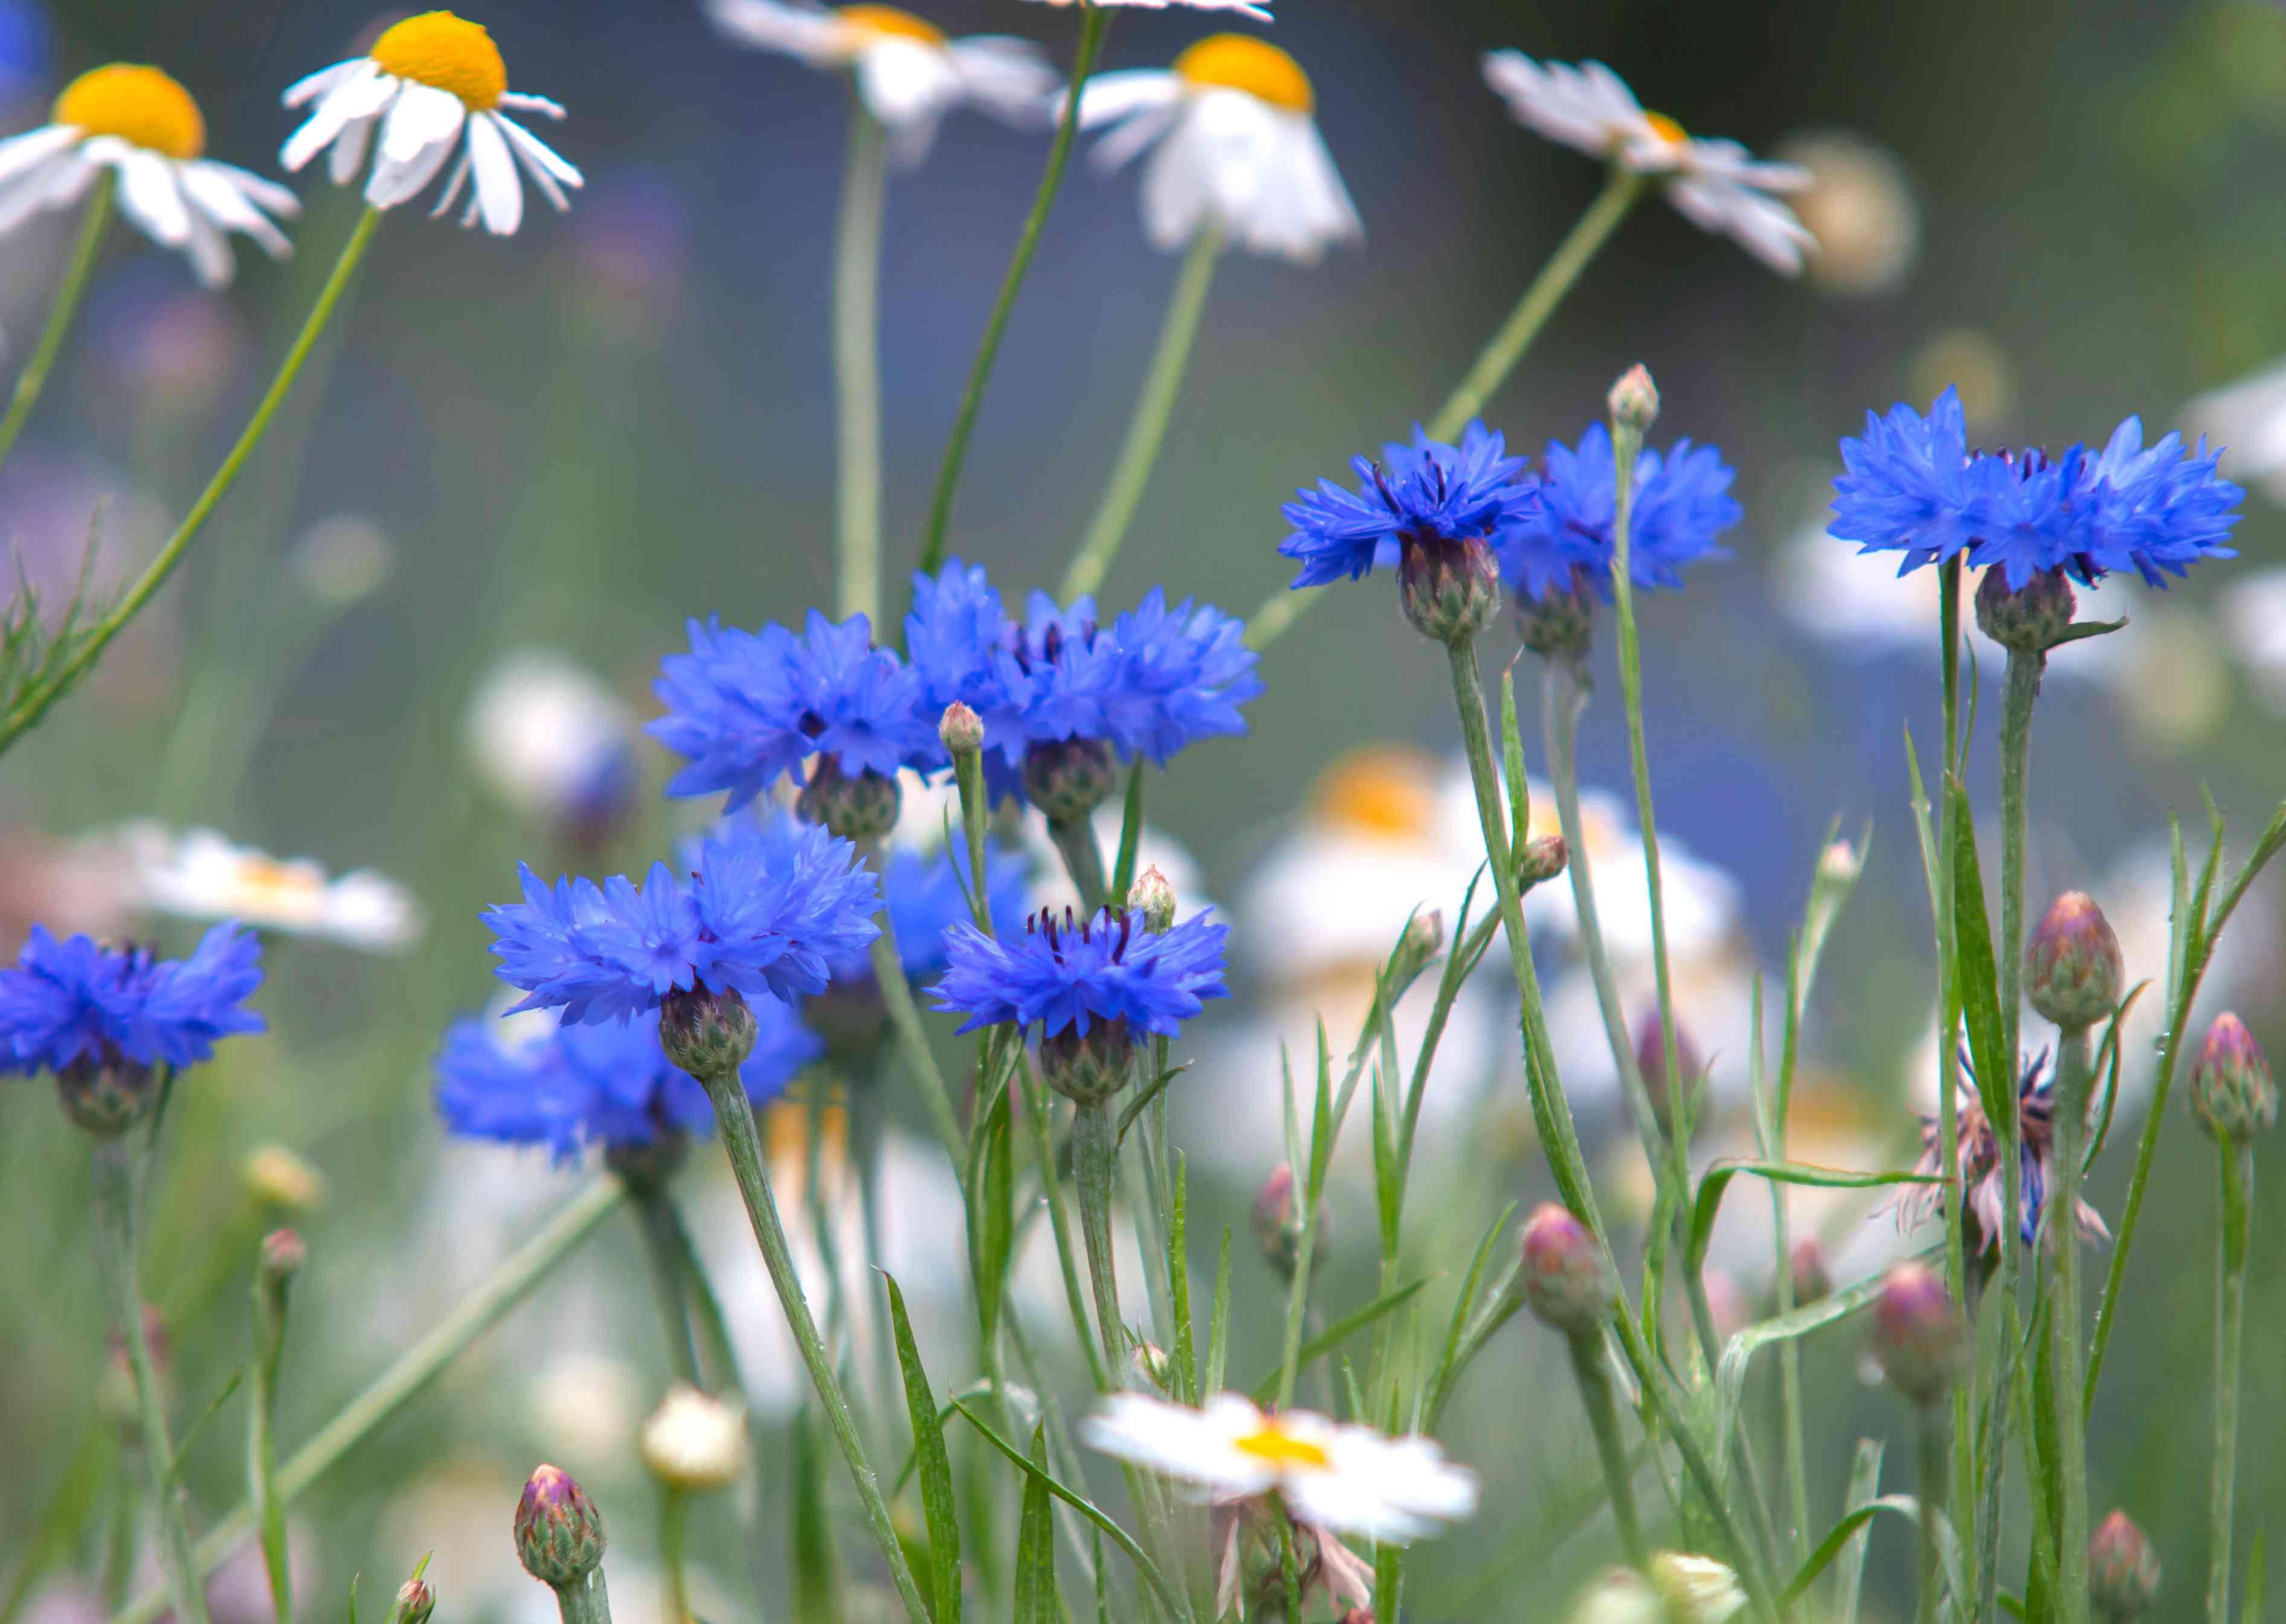 Blue cornflowers next to white daisies in garden